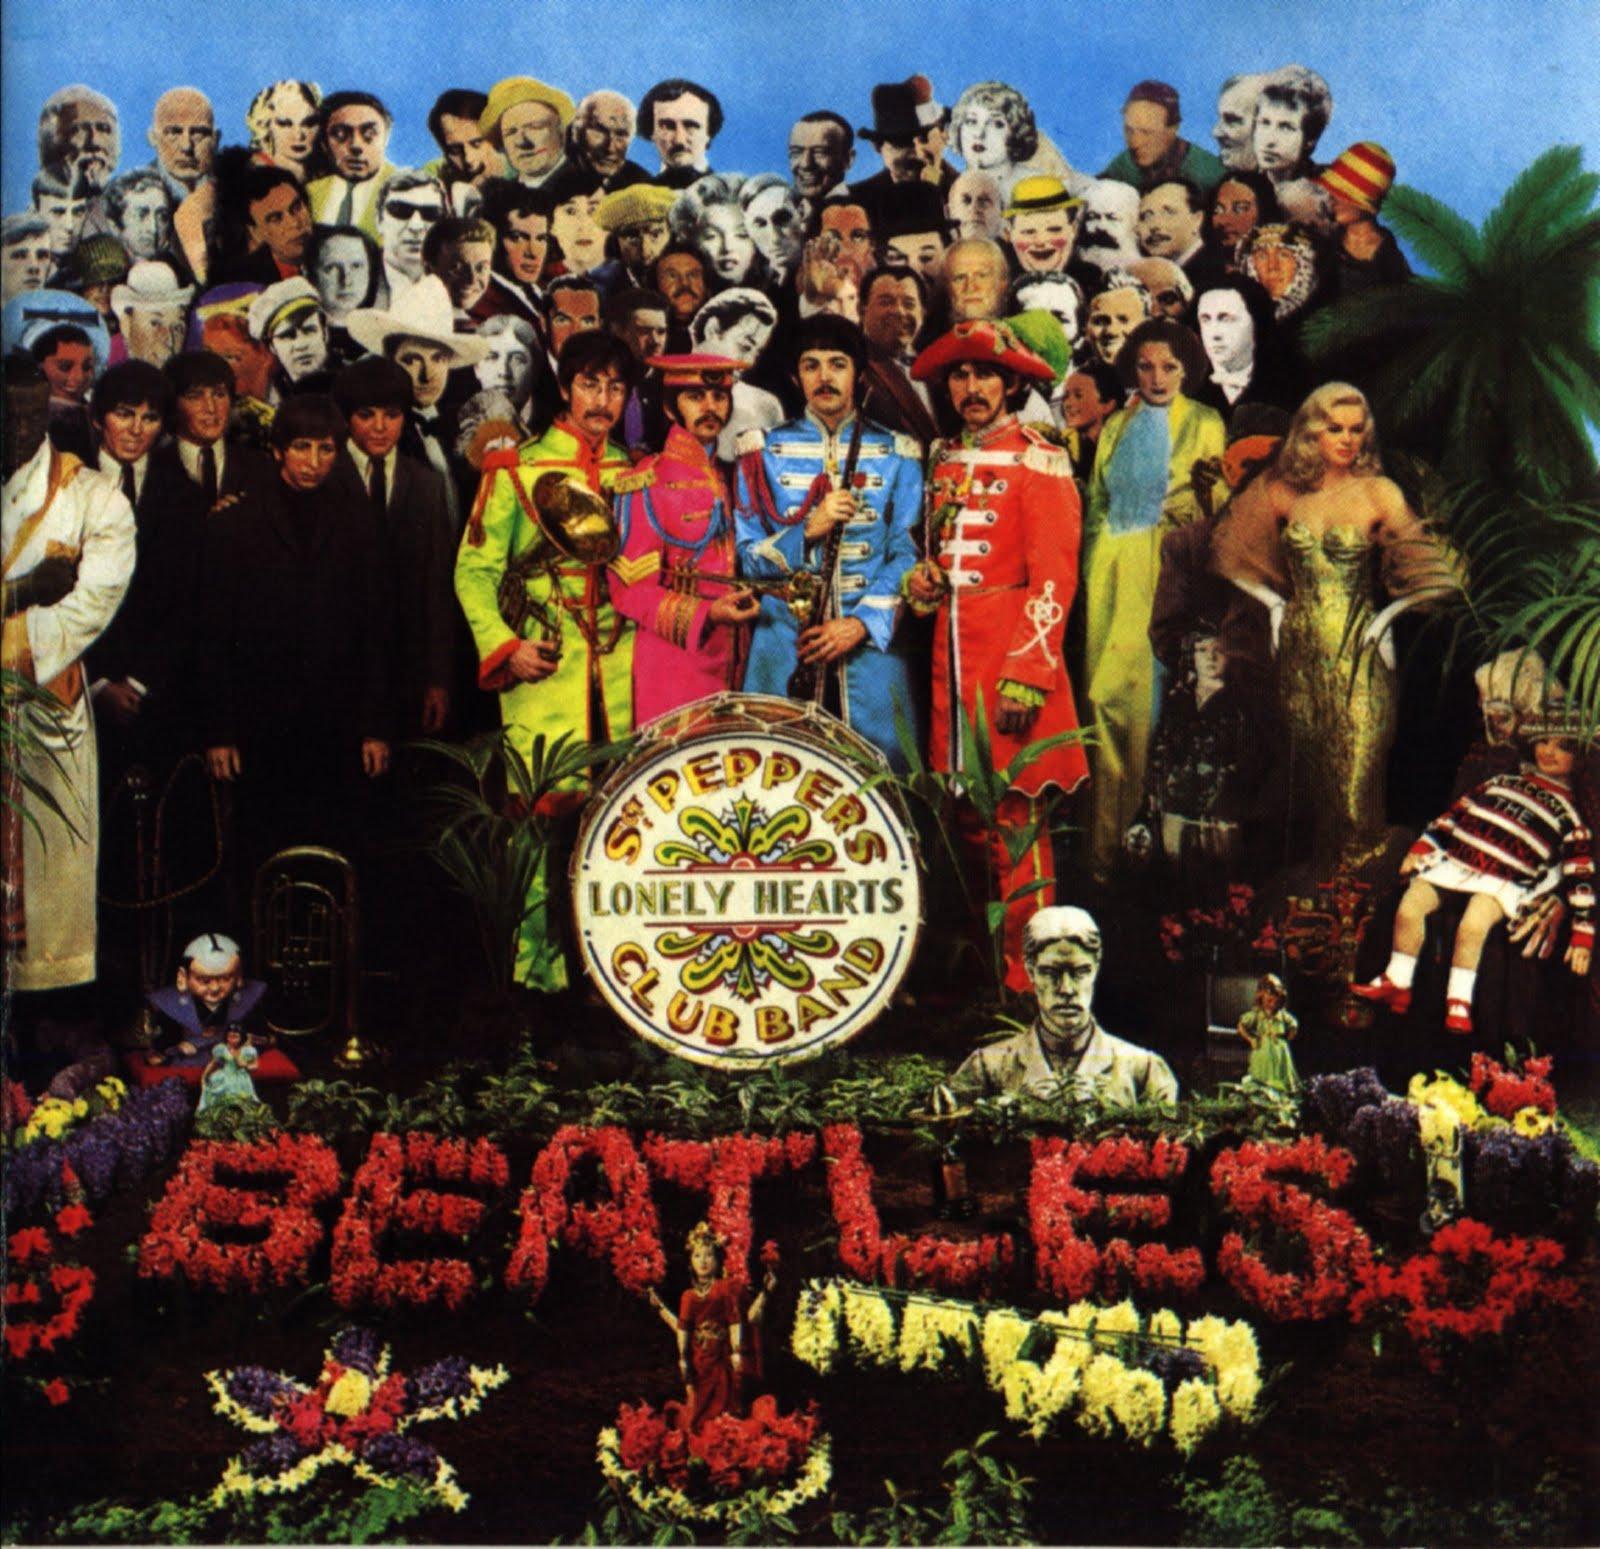 Beatles Albums Ranked - Stereogum